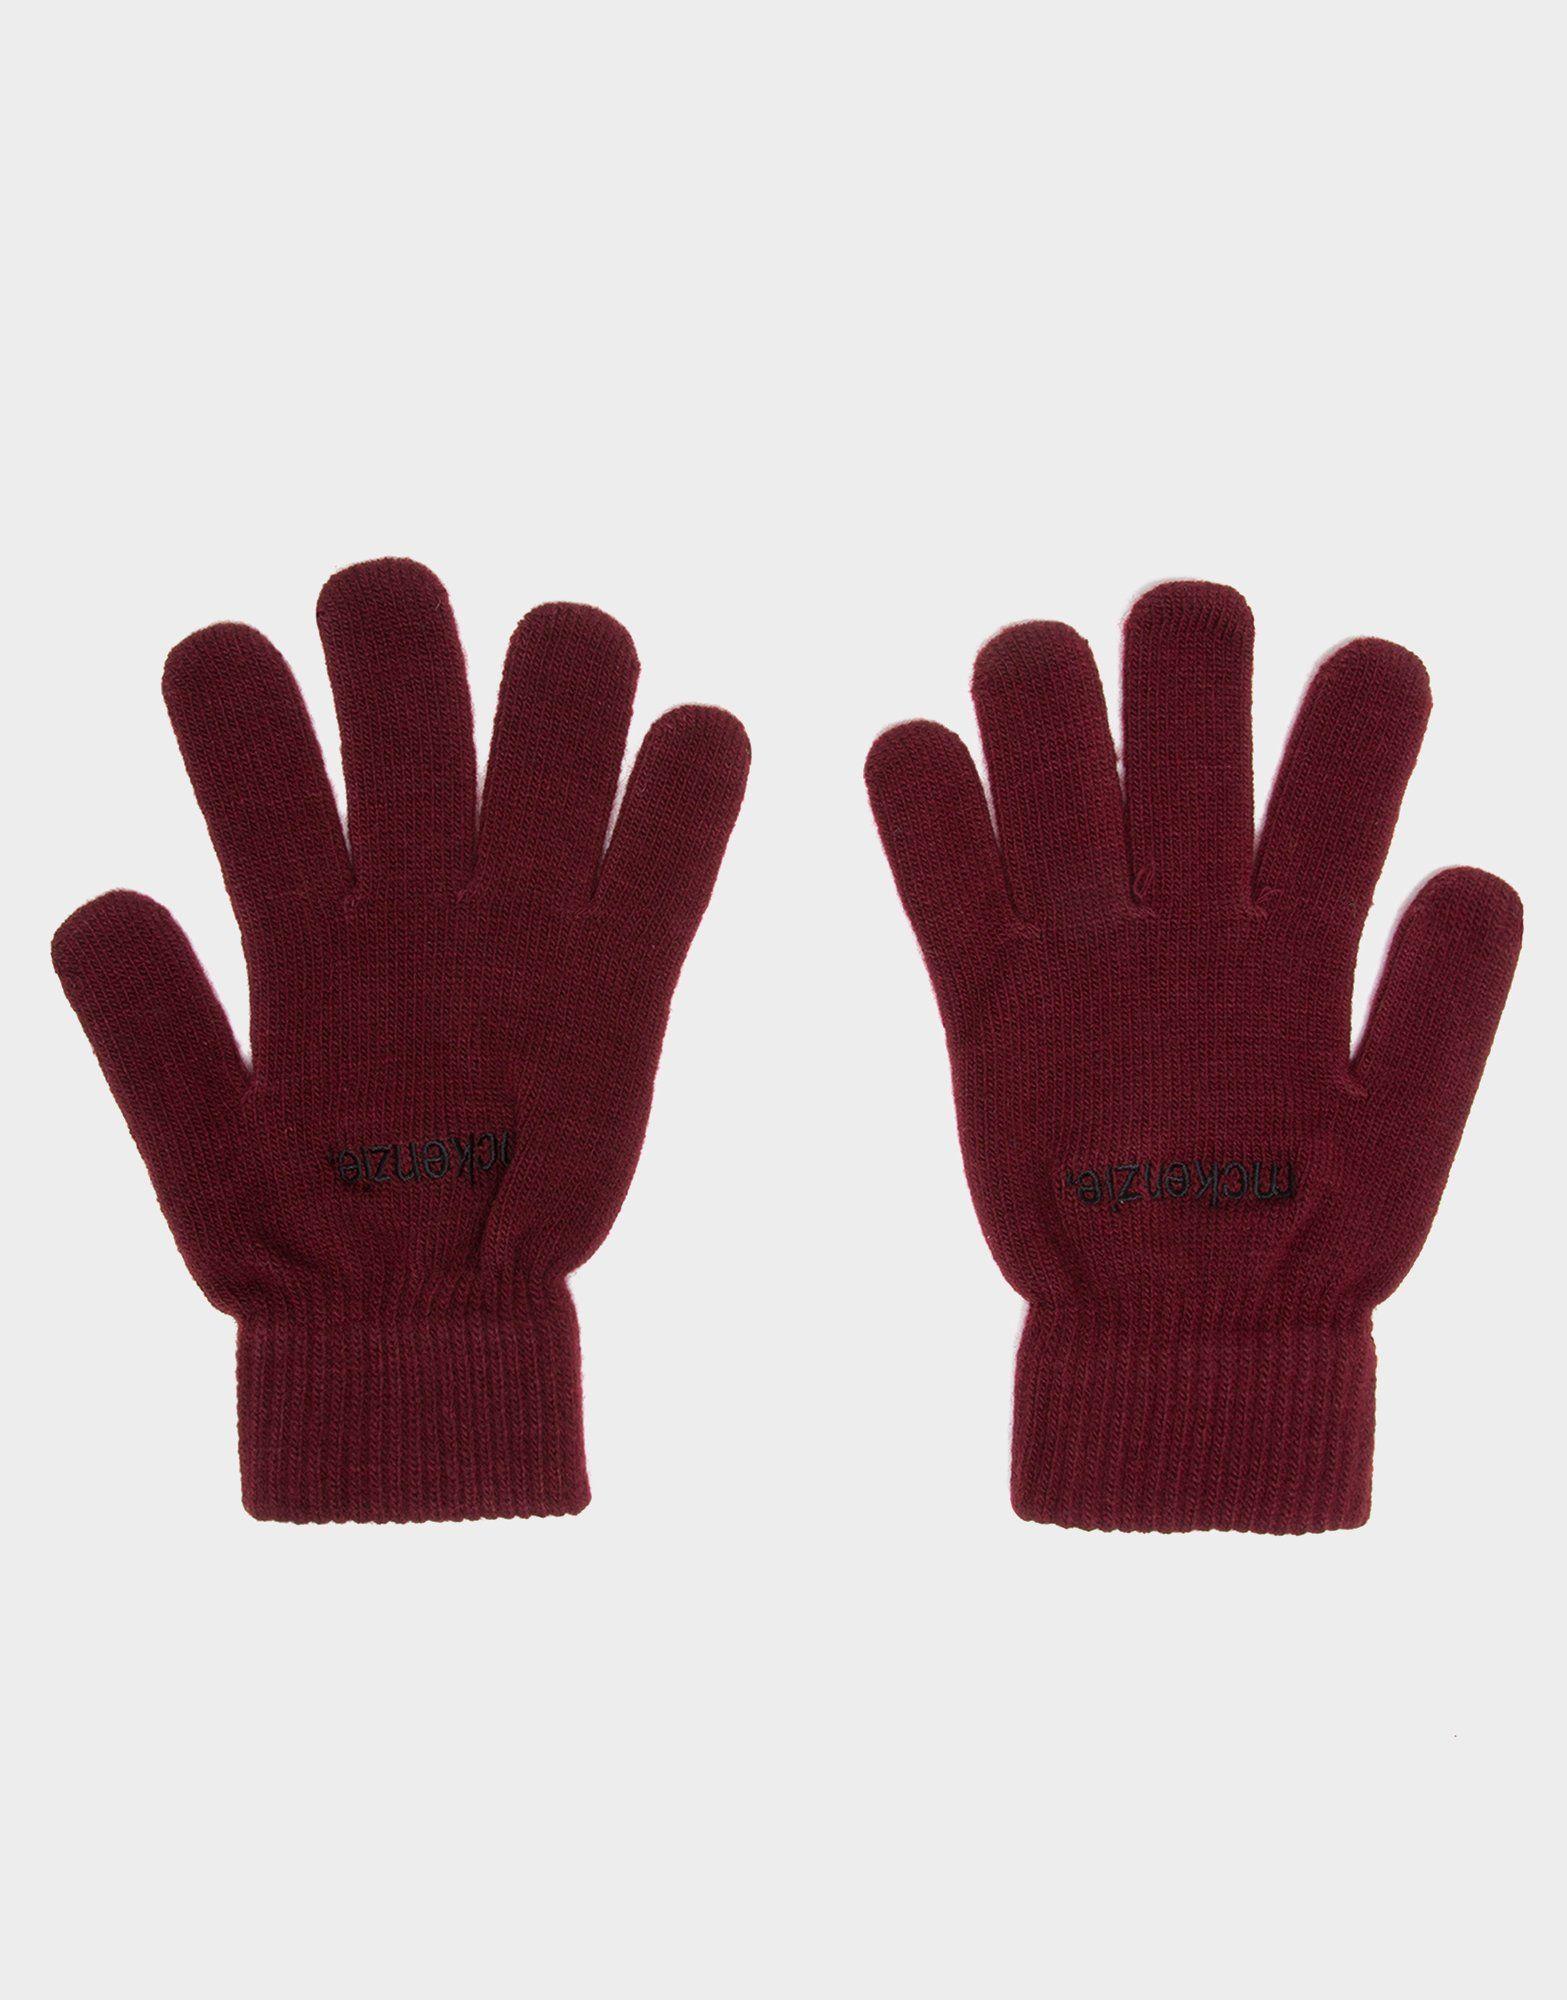 McKenzie Alonzo Gloves